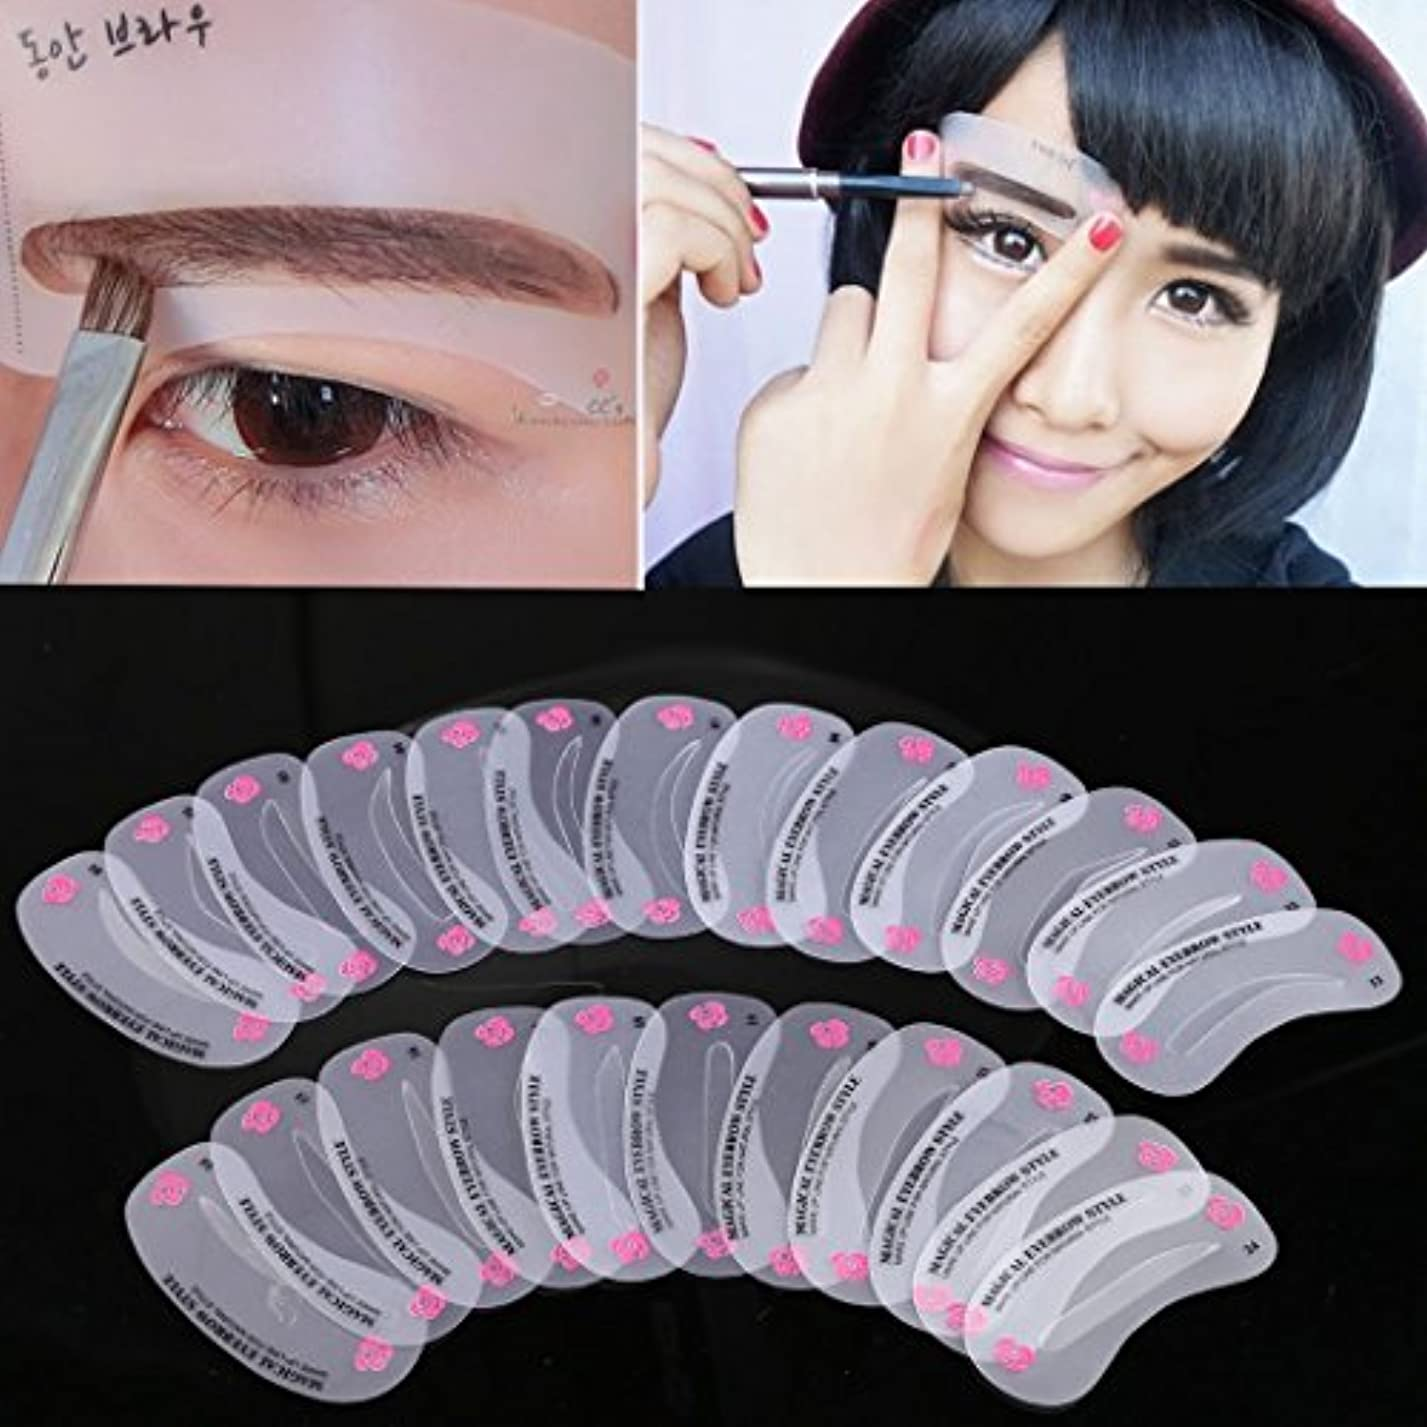 対抗序文普遍的な24の異なるセットを形づくっている眉ステンシルキットをグルーミング化粧スタイル眉シェーパー